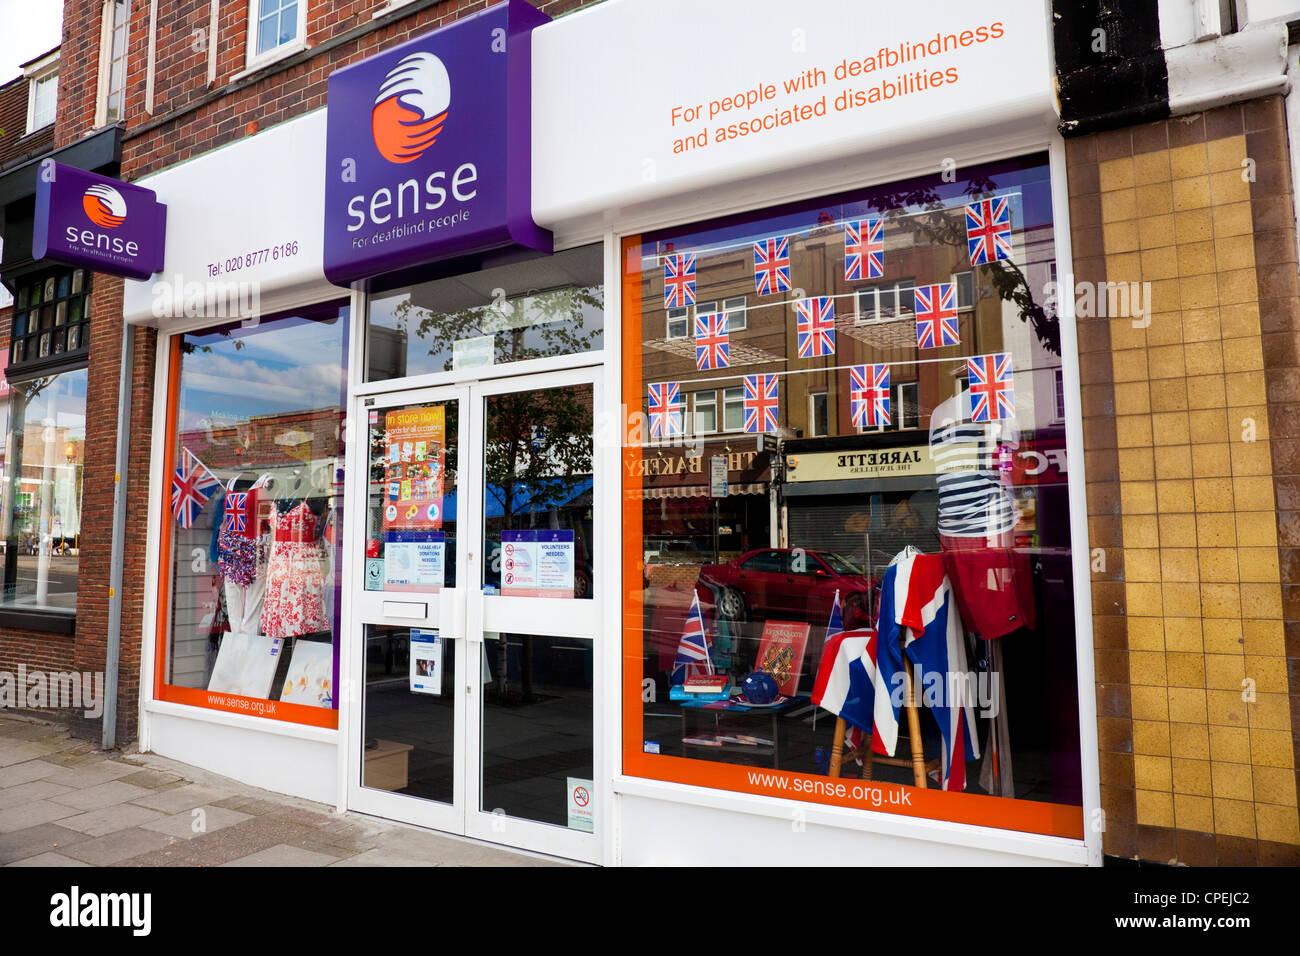 Negozio di fronte, senso, negozio di carità per le persone con disabilità deafbindness, London, Regno Immagini Stock